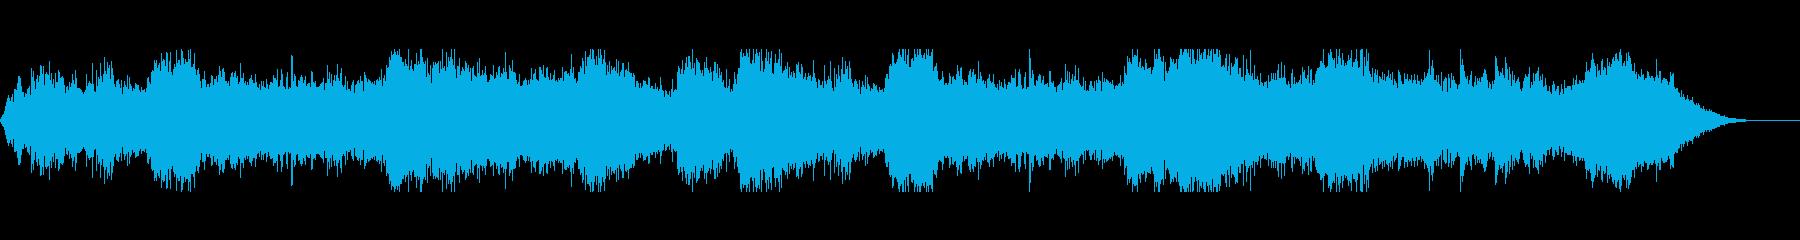 荒廃の地の戦争を思わせる恐ろしい音風景の再生済みの波形